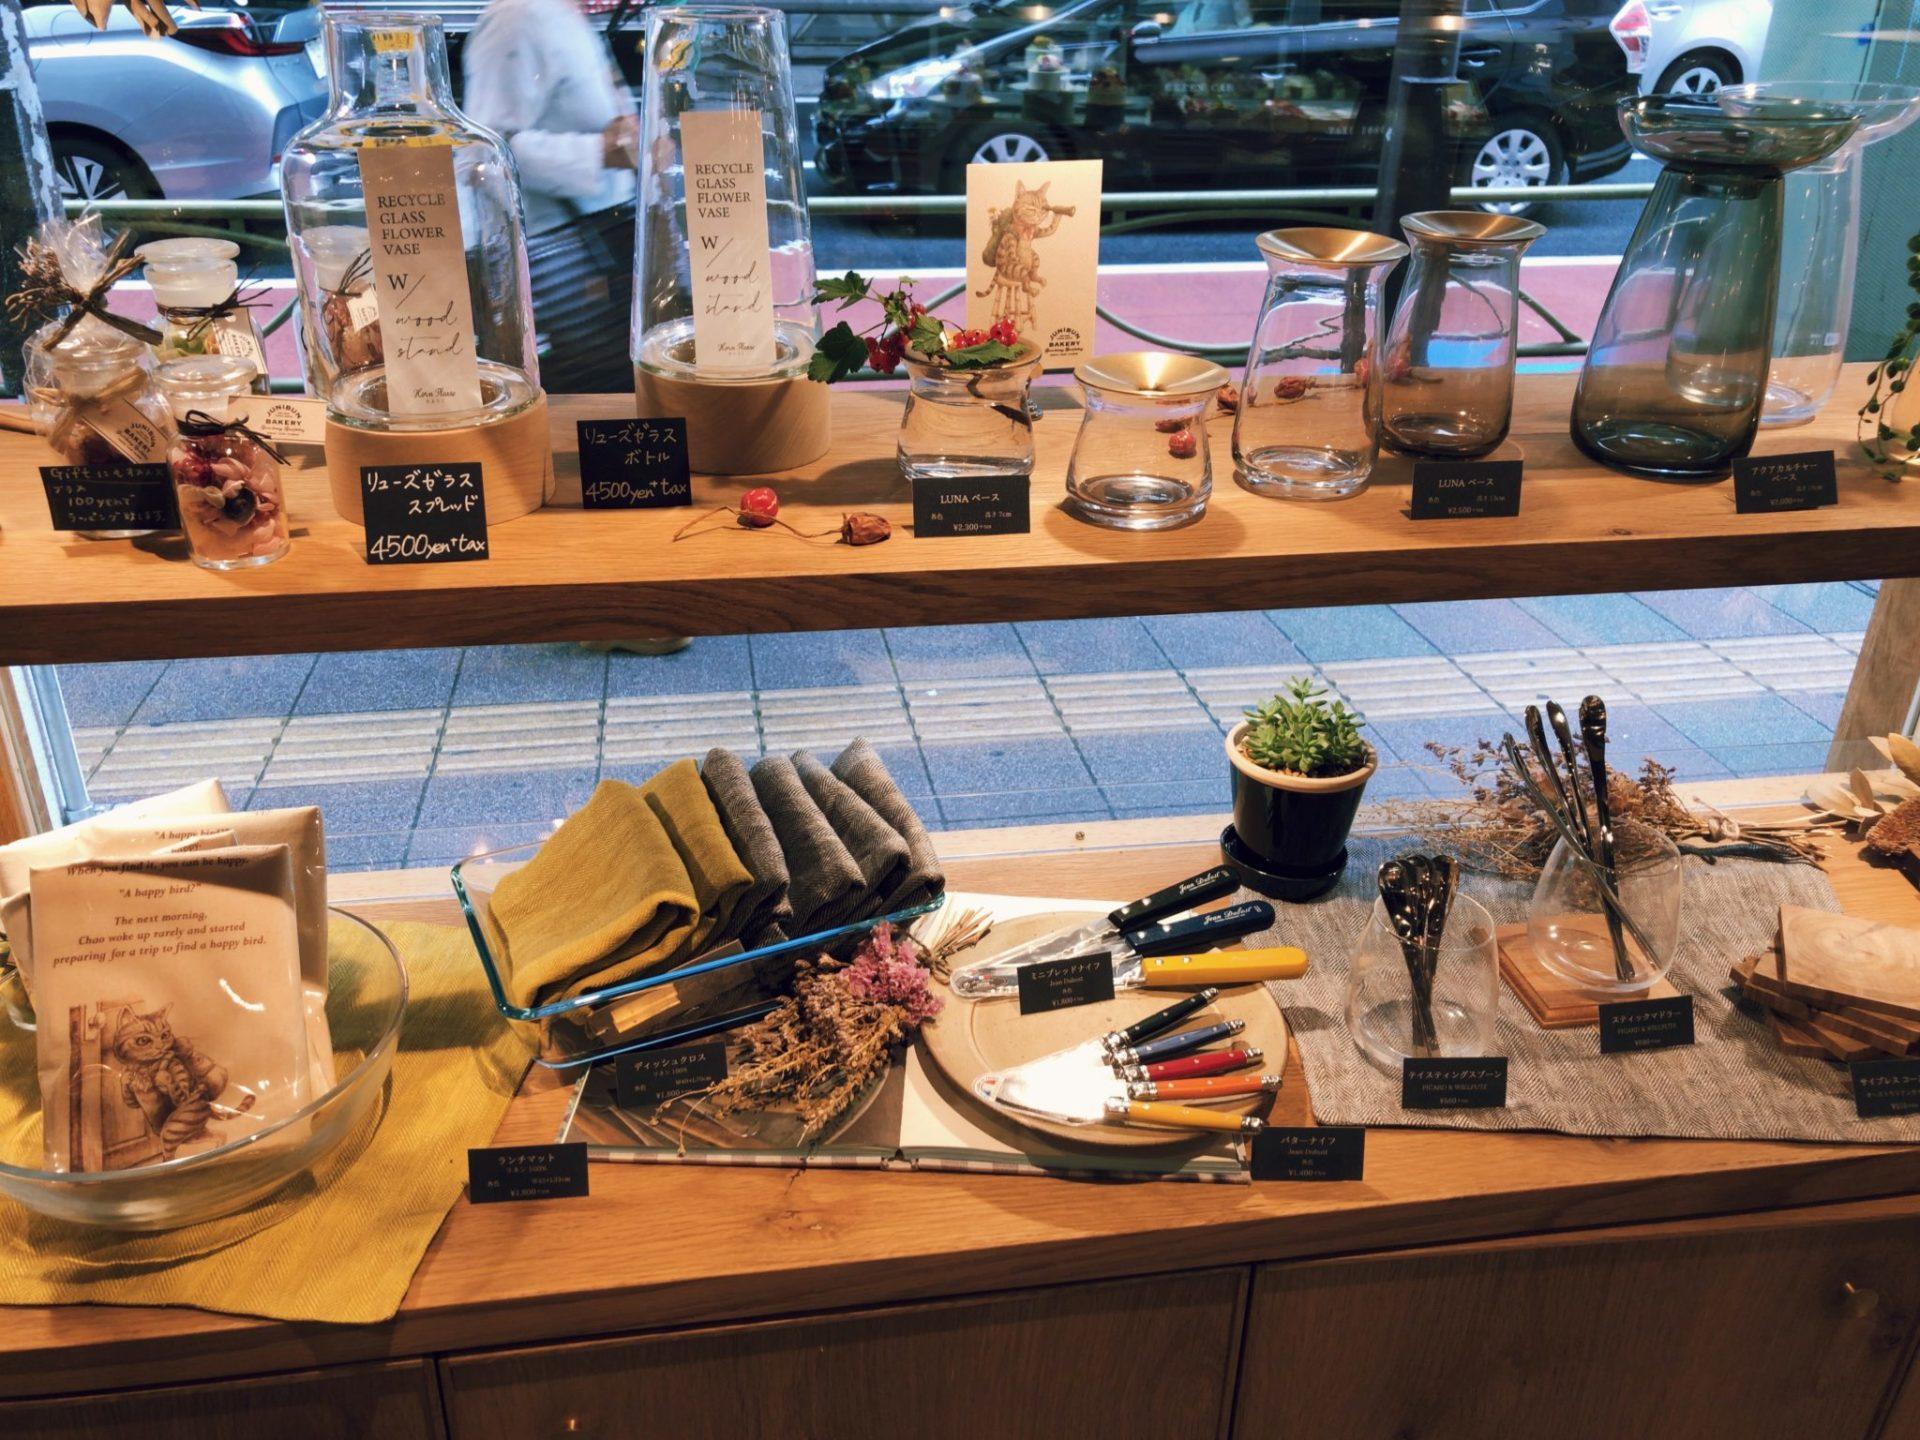 ジュウニブンベーカリー 三軒茶屋本店には手土産に最適な小物もある